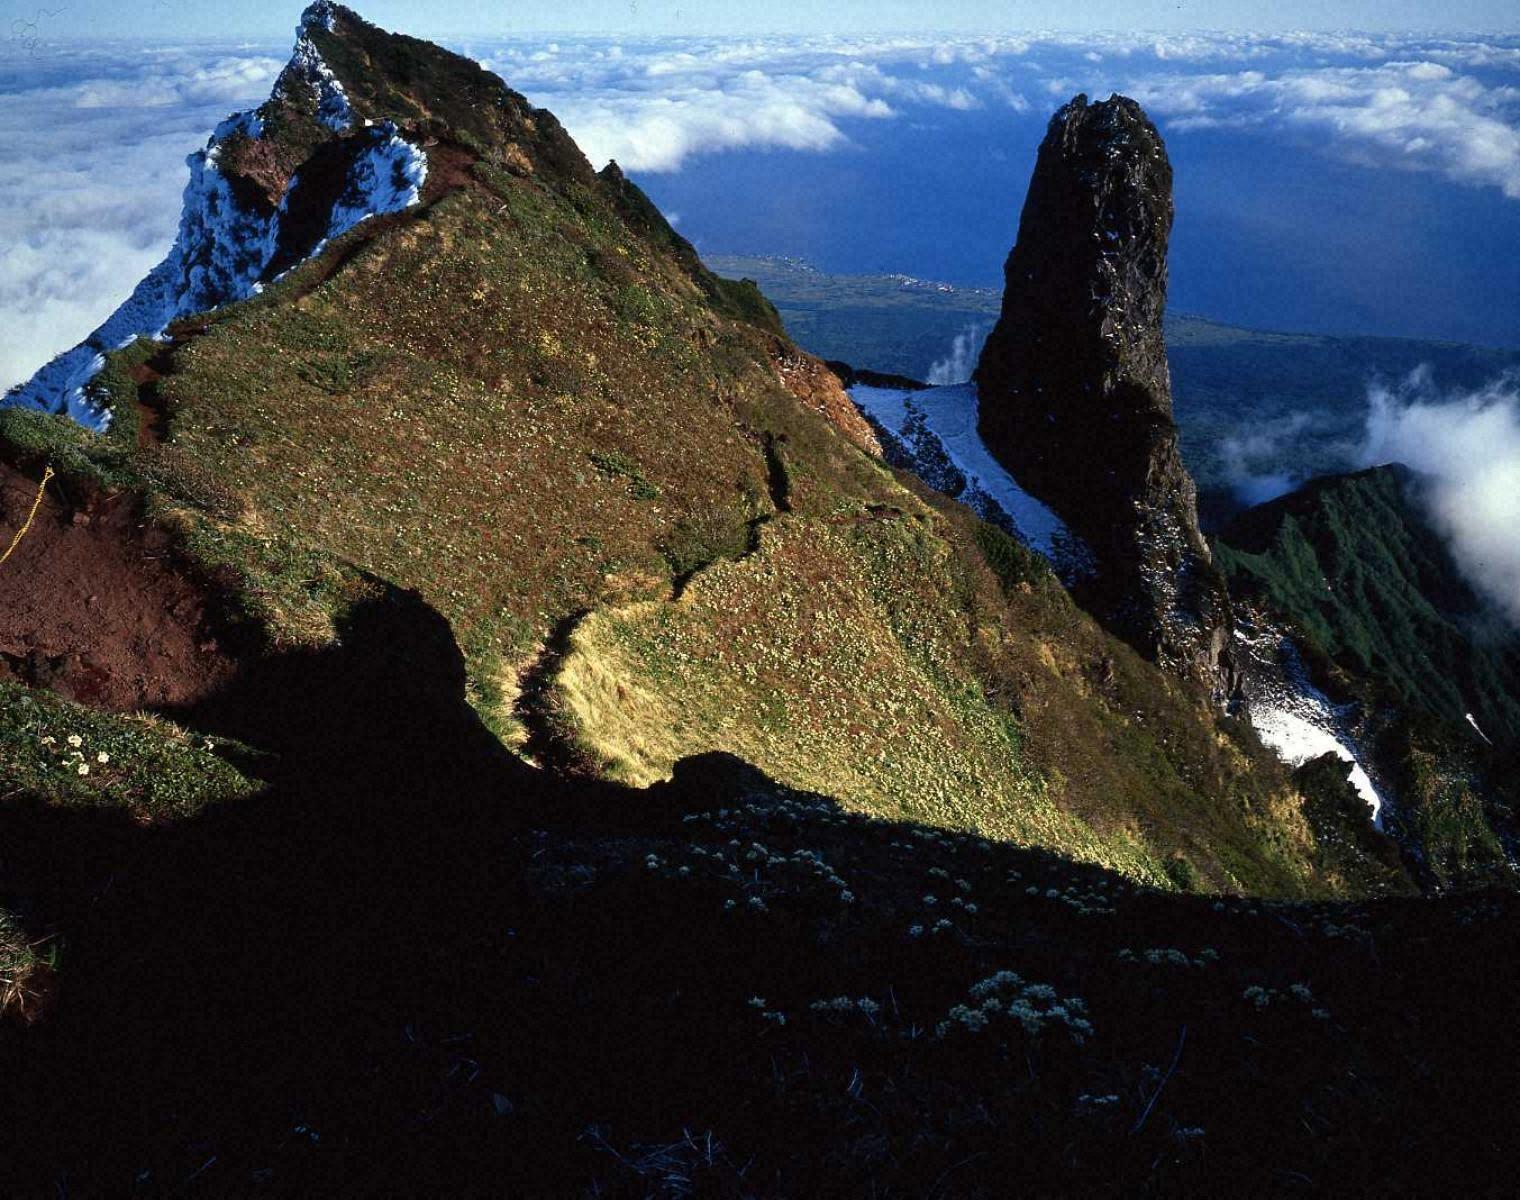 利尻岳南峰とロウソク岩